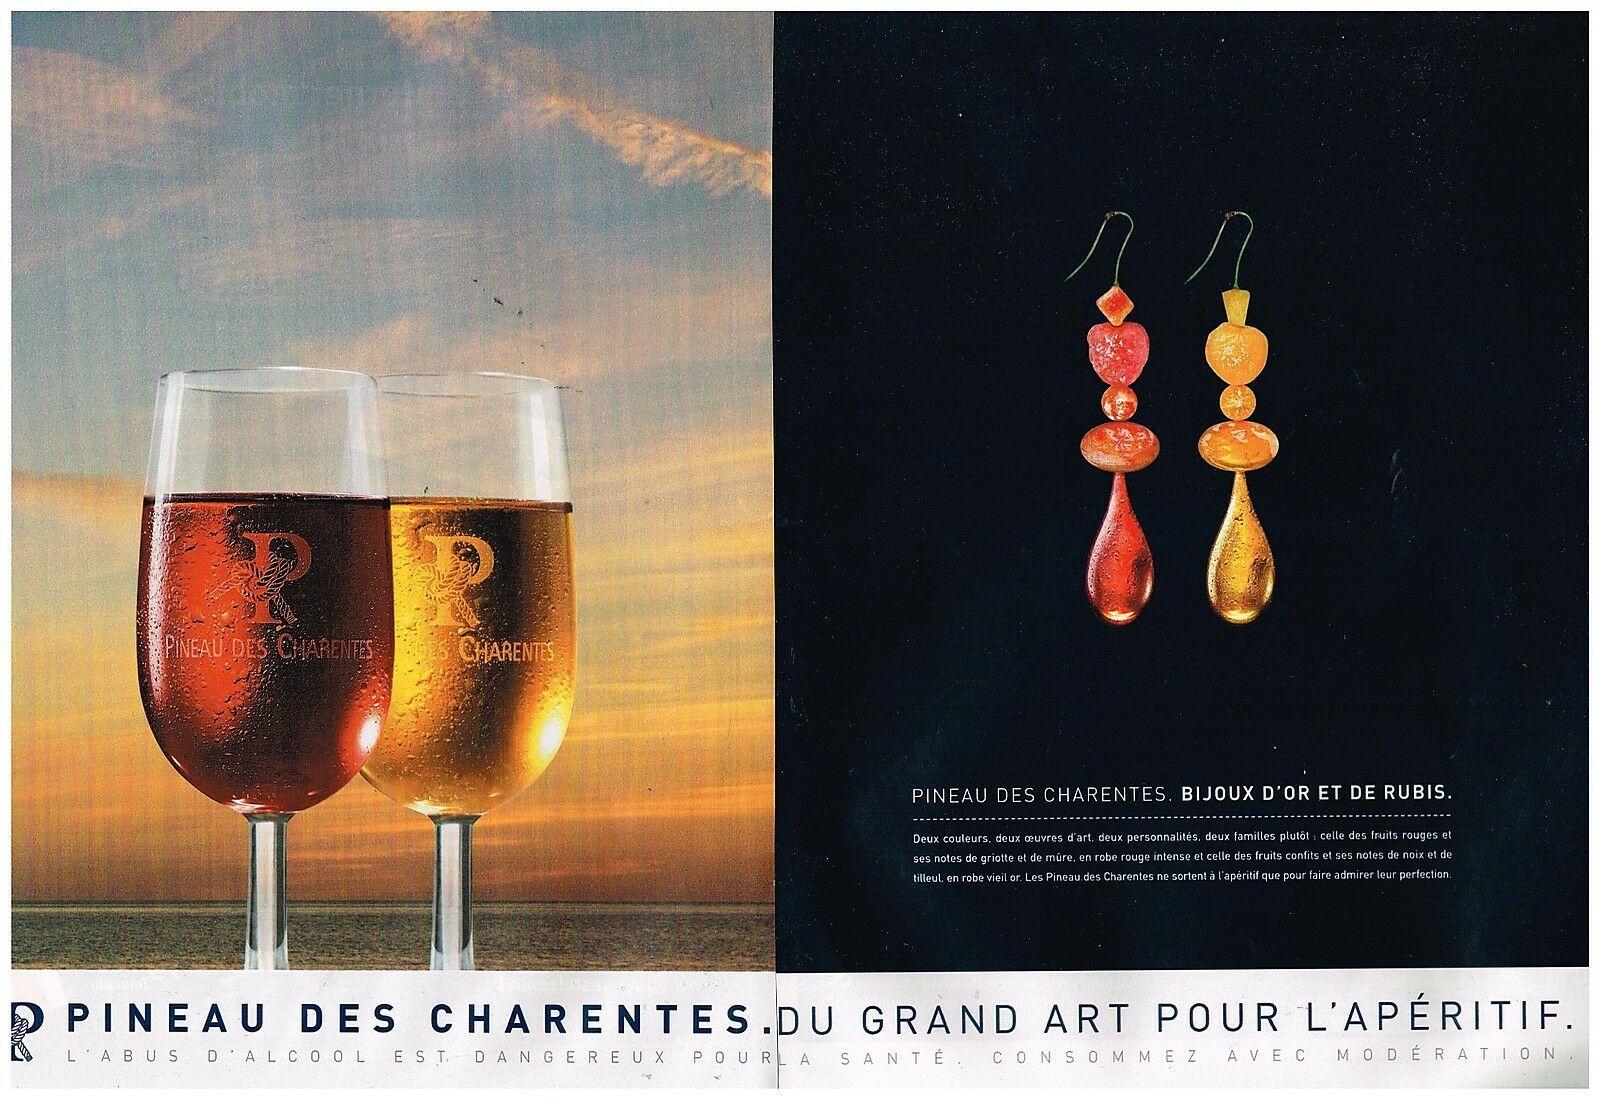 2008 Les Vins Pineau des Charentes